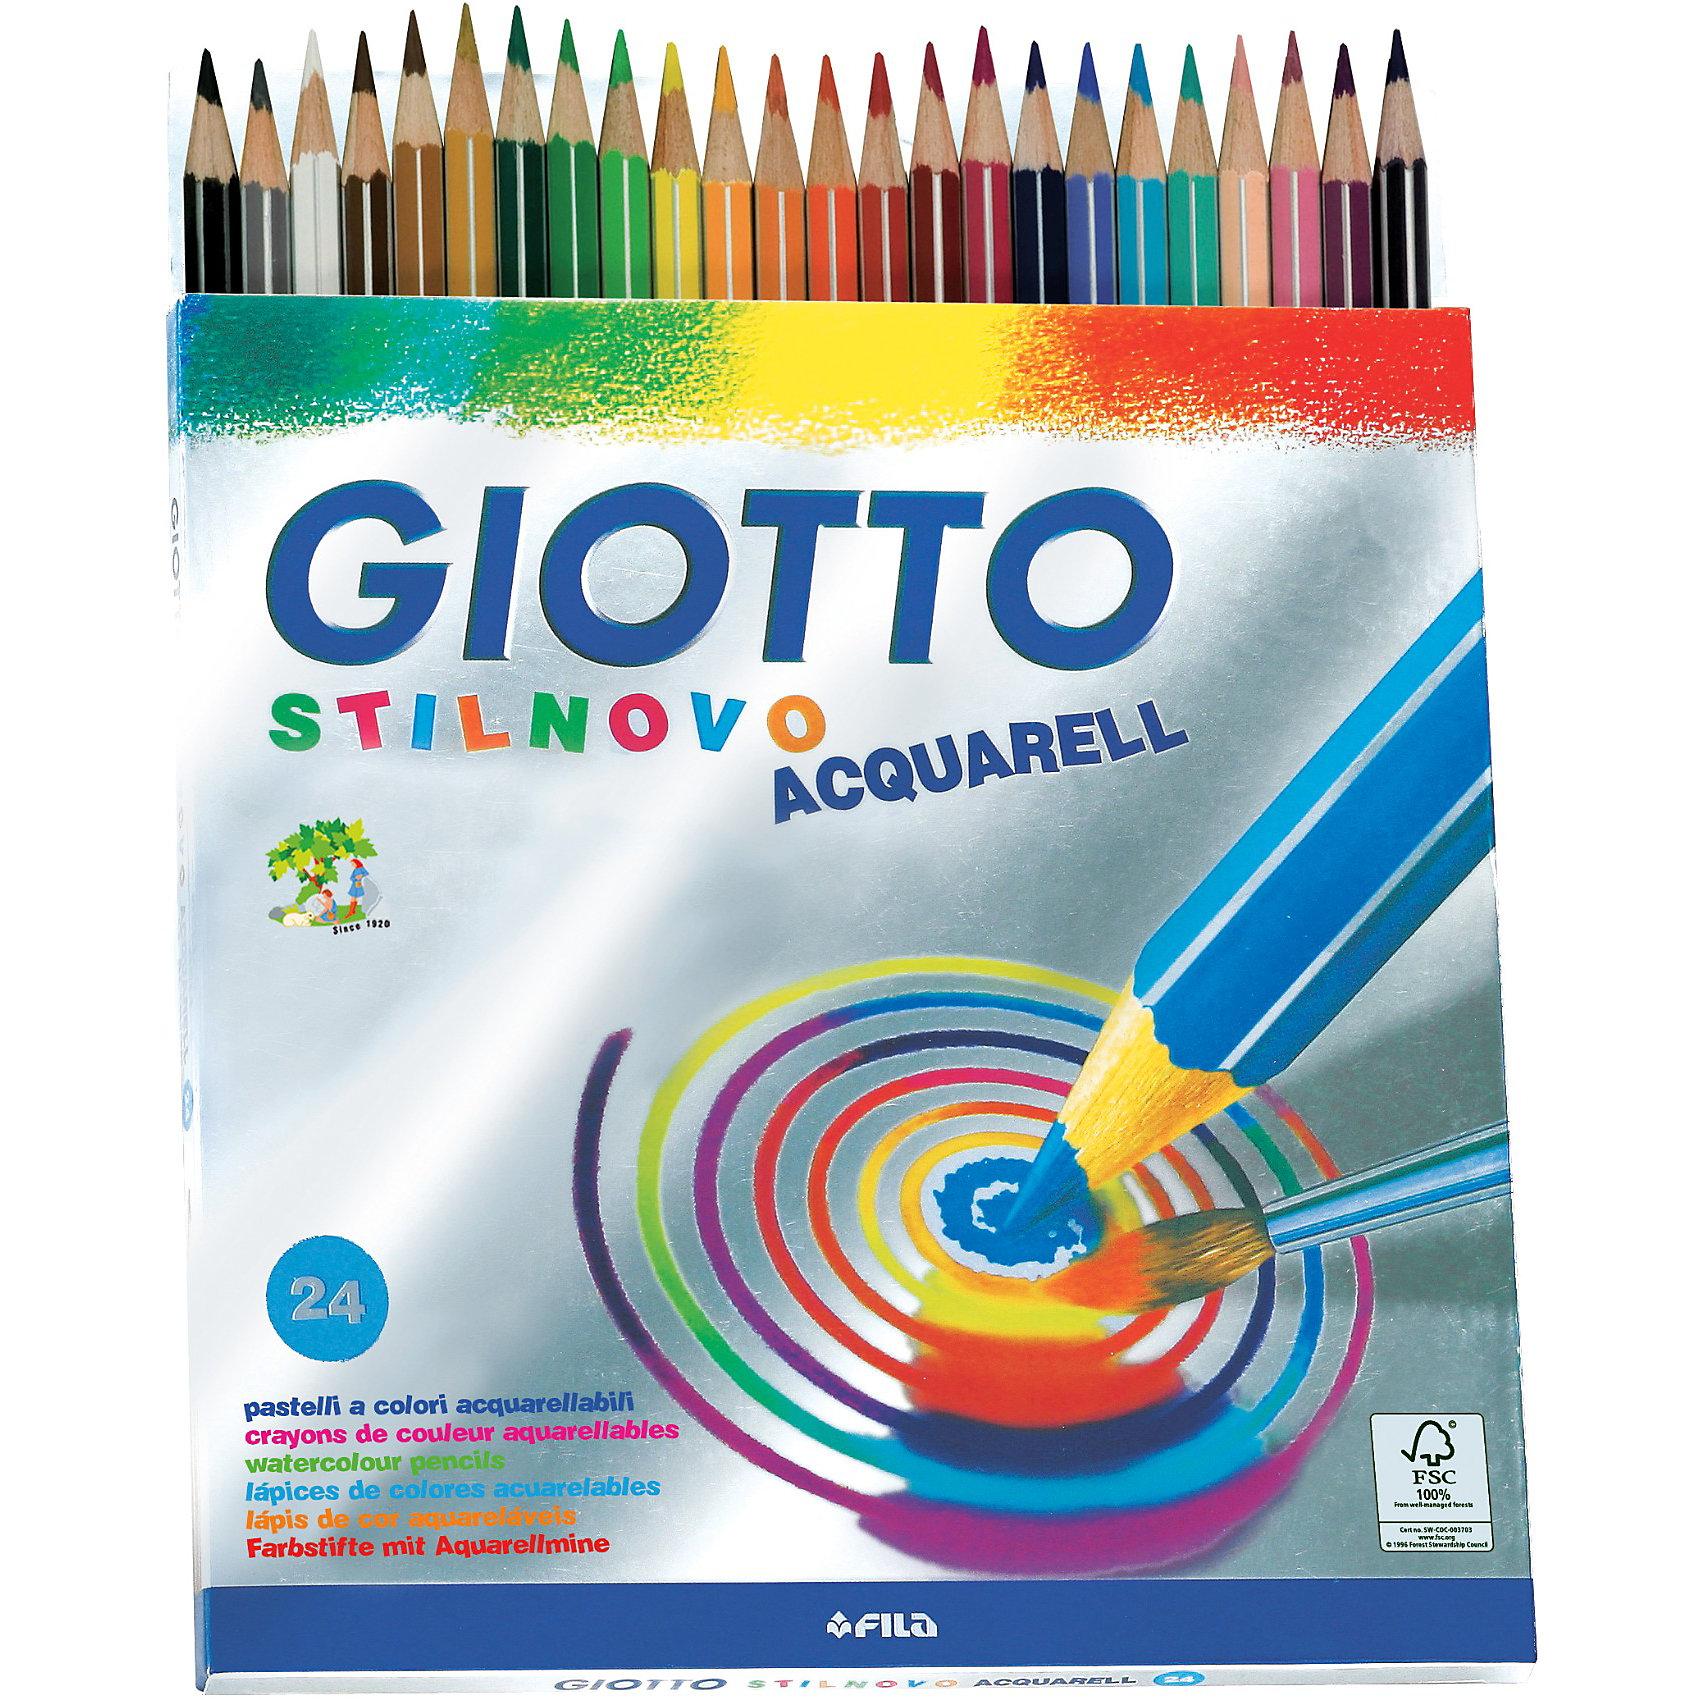 Акварельные цветные карандашии, 24 шт, кисть в комплекте.Акварельные цветные деревянные карандашии, 24 шт. Гексагональной формы. Изготовлены из сертифицированной древесины. Легко и экономично затачиваются, не крошатся. Толщина грифеля - 3,3 мм. Яркие насыщенные цвета, максимально мягкое рисование и идеальное размытие водой. На корпусе карандаша имеется место для персонализации. В комплекте с кистью<br><br>Ширина мм: 218<br>Глубина мм: 172<br>Высота мм: 12<br>Вес г: 162<br>Возраст от месяцев: -2147483648<br>Возраст до месяцев: 2147483647<br>Пол: Унисекс<br>Возраст: Детский<br>SKU: 3411233